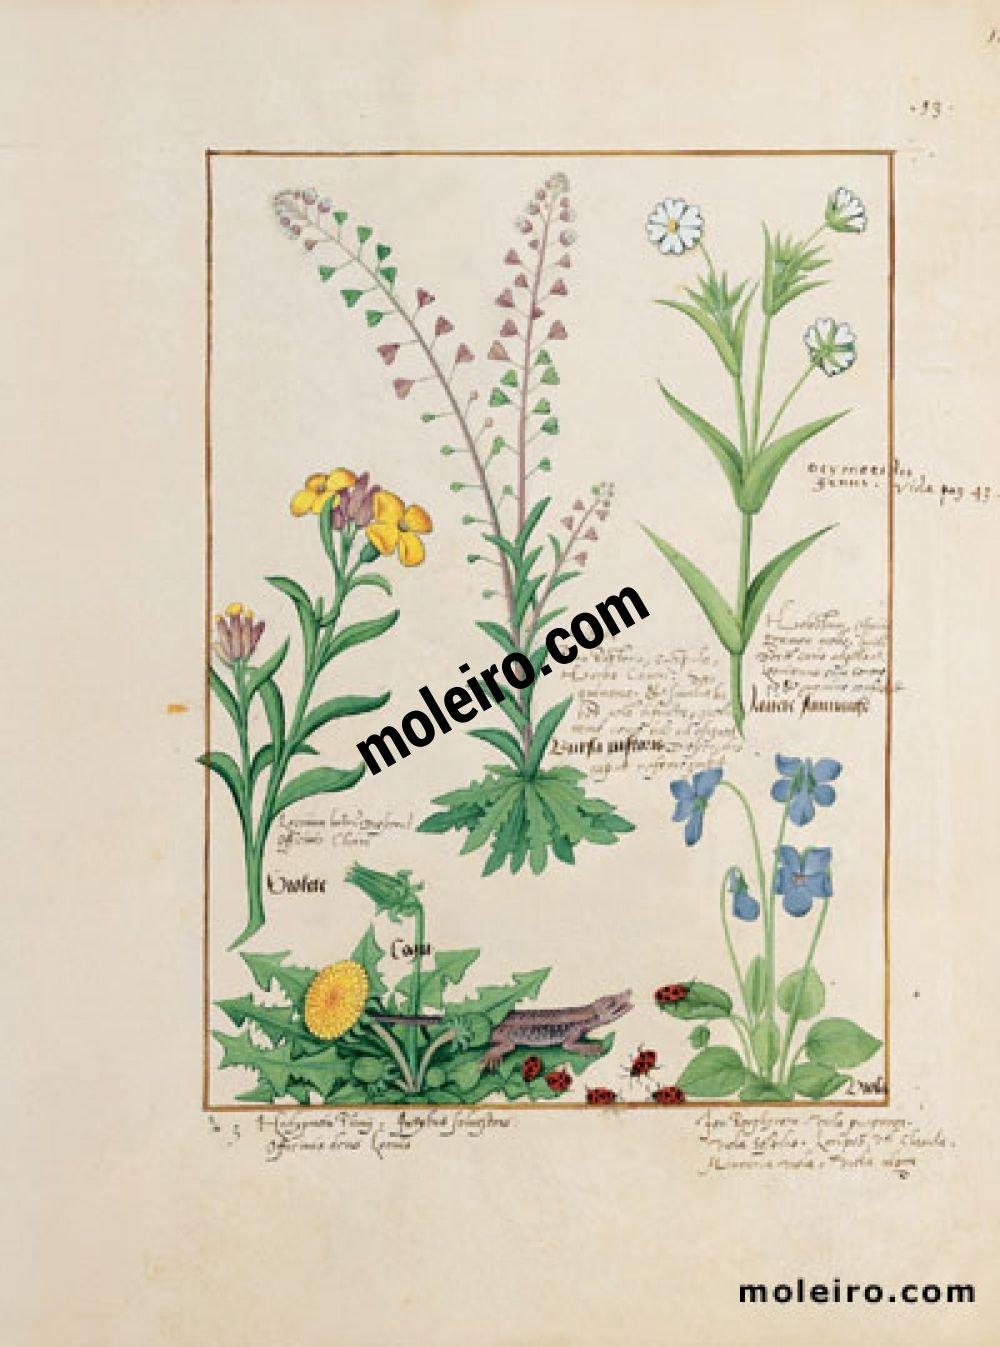 The Book of Simple Medicines folio 138r